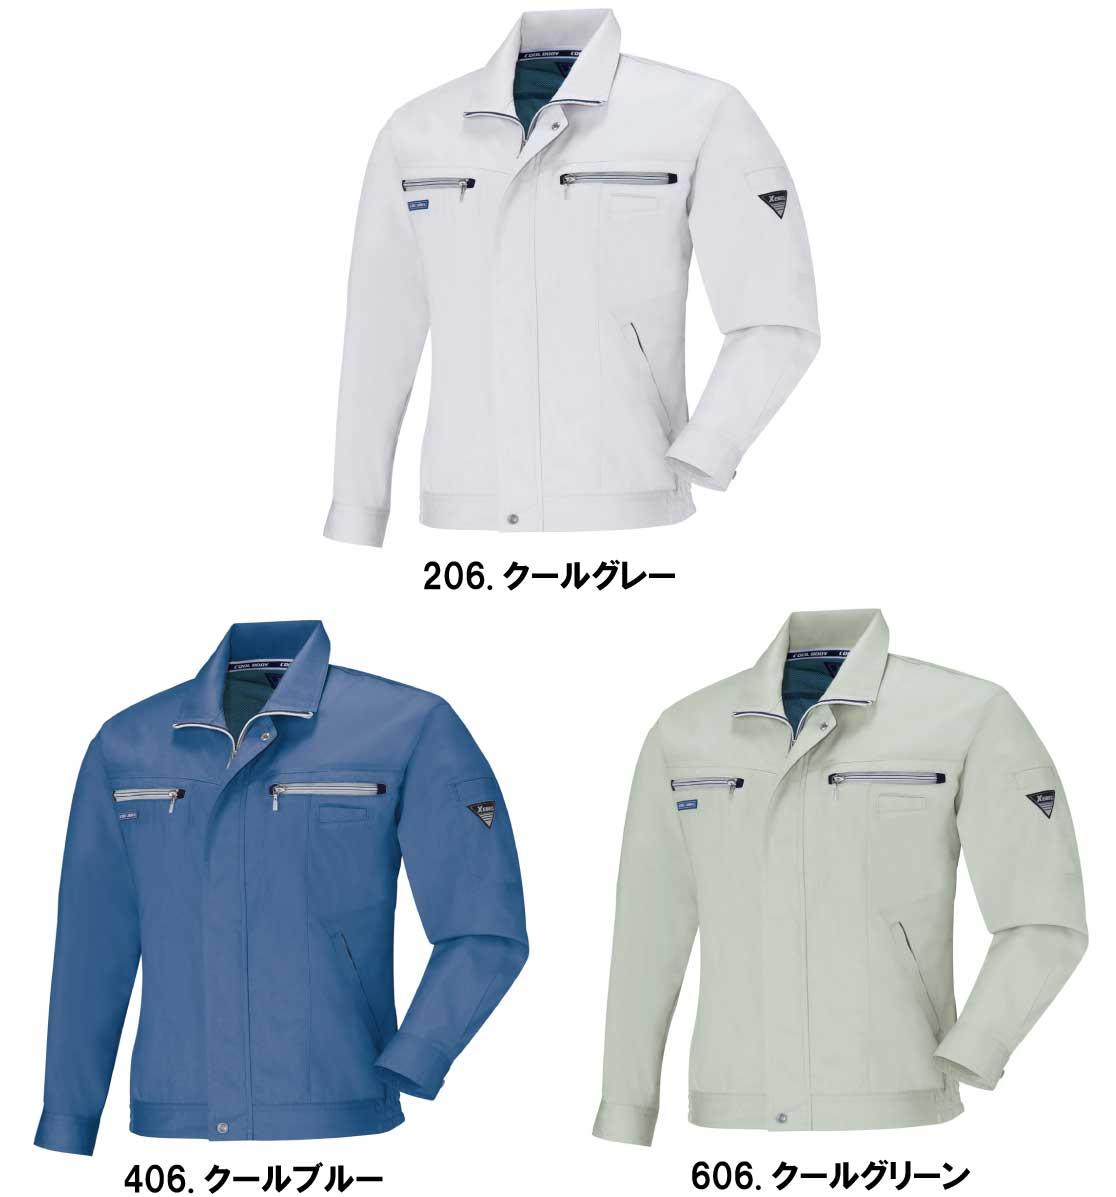 XE:9654 春夏長袖ブルゾン作業服 作業着 ブルゾン